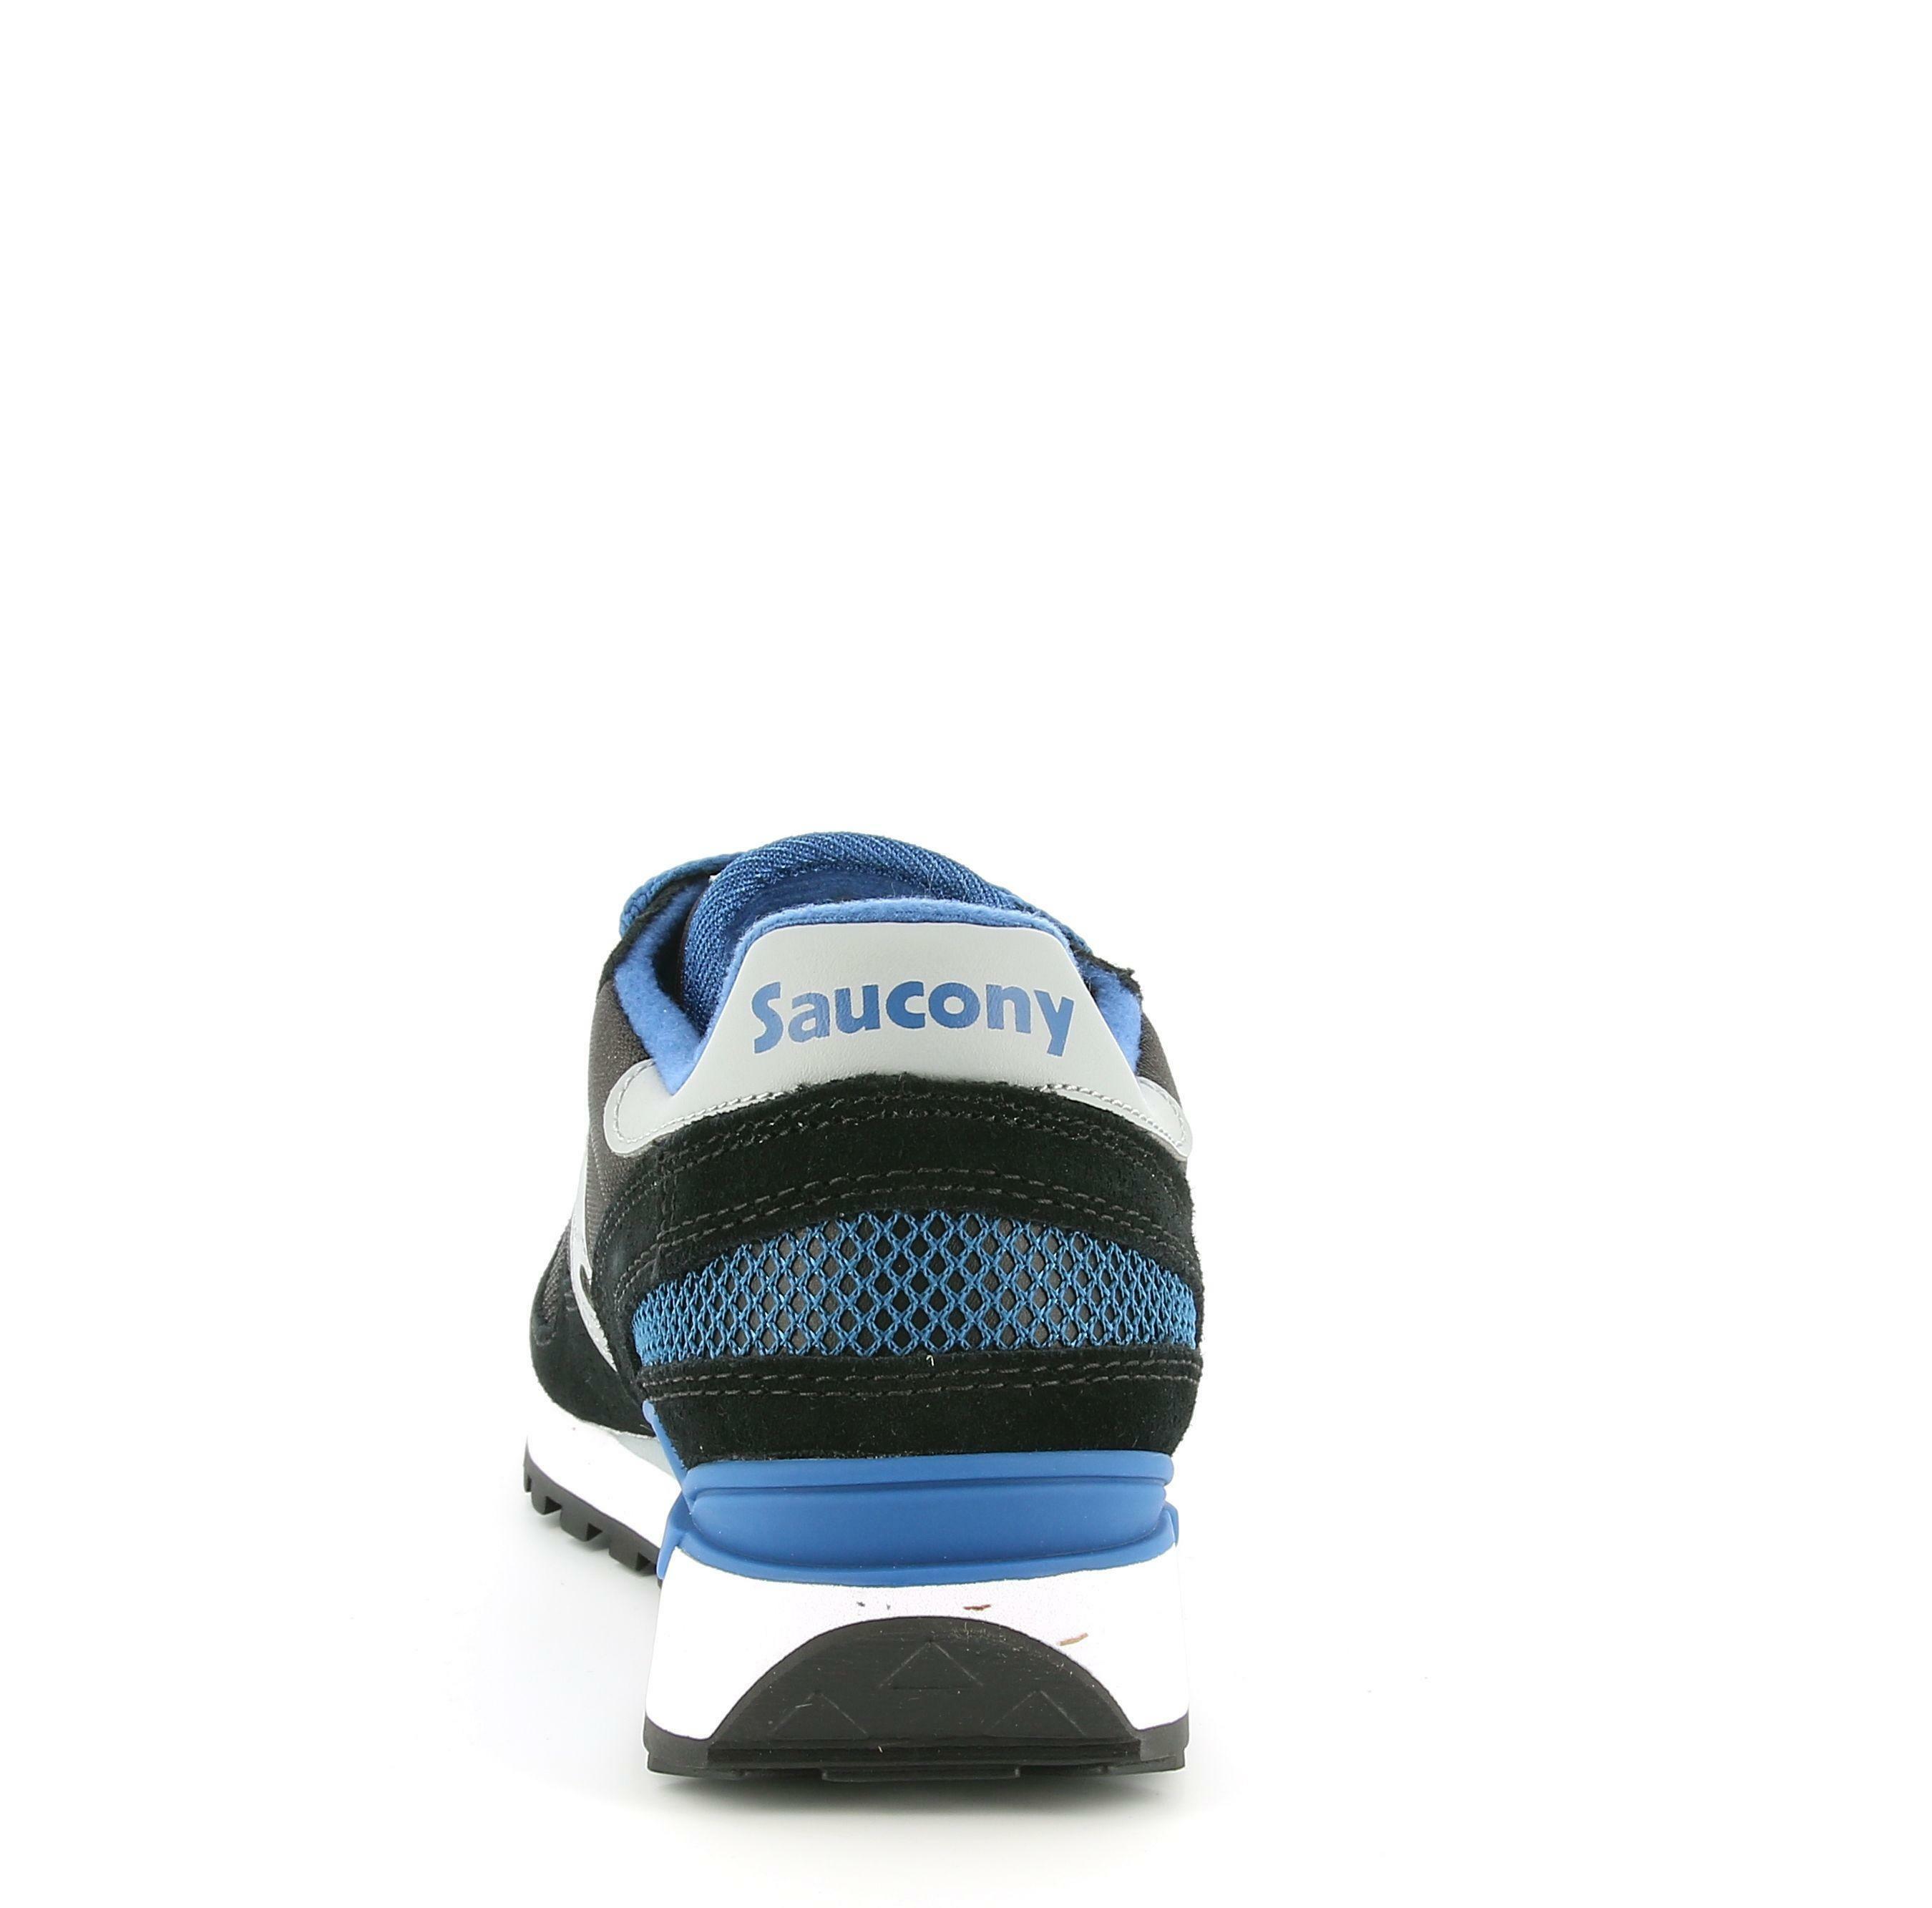 saucony saucony shadow original sneaker uomo s2108-756 black federal blue